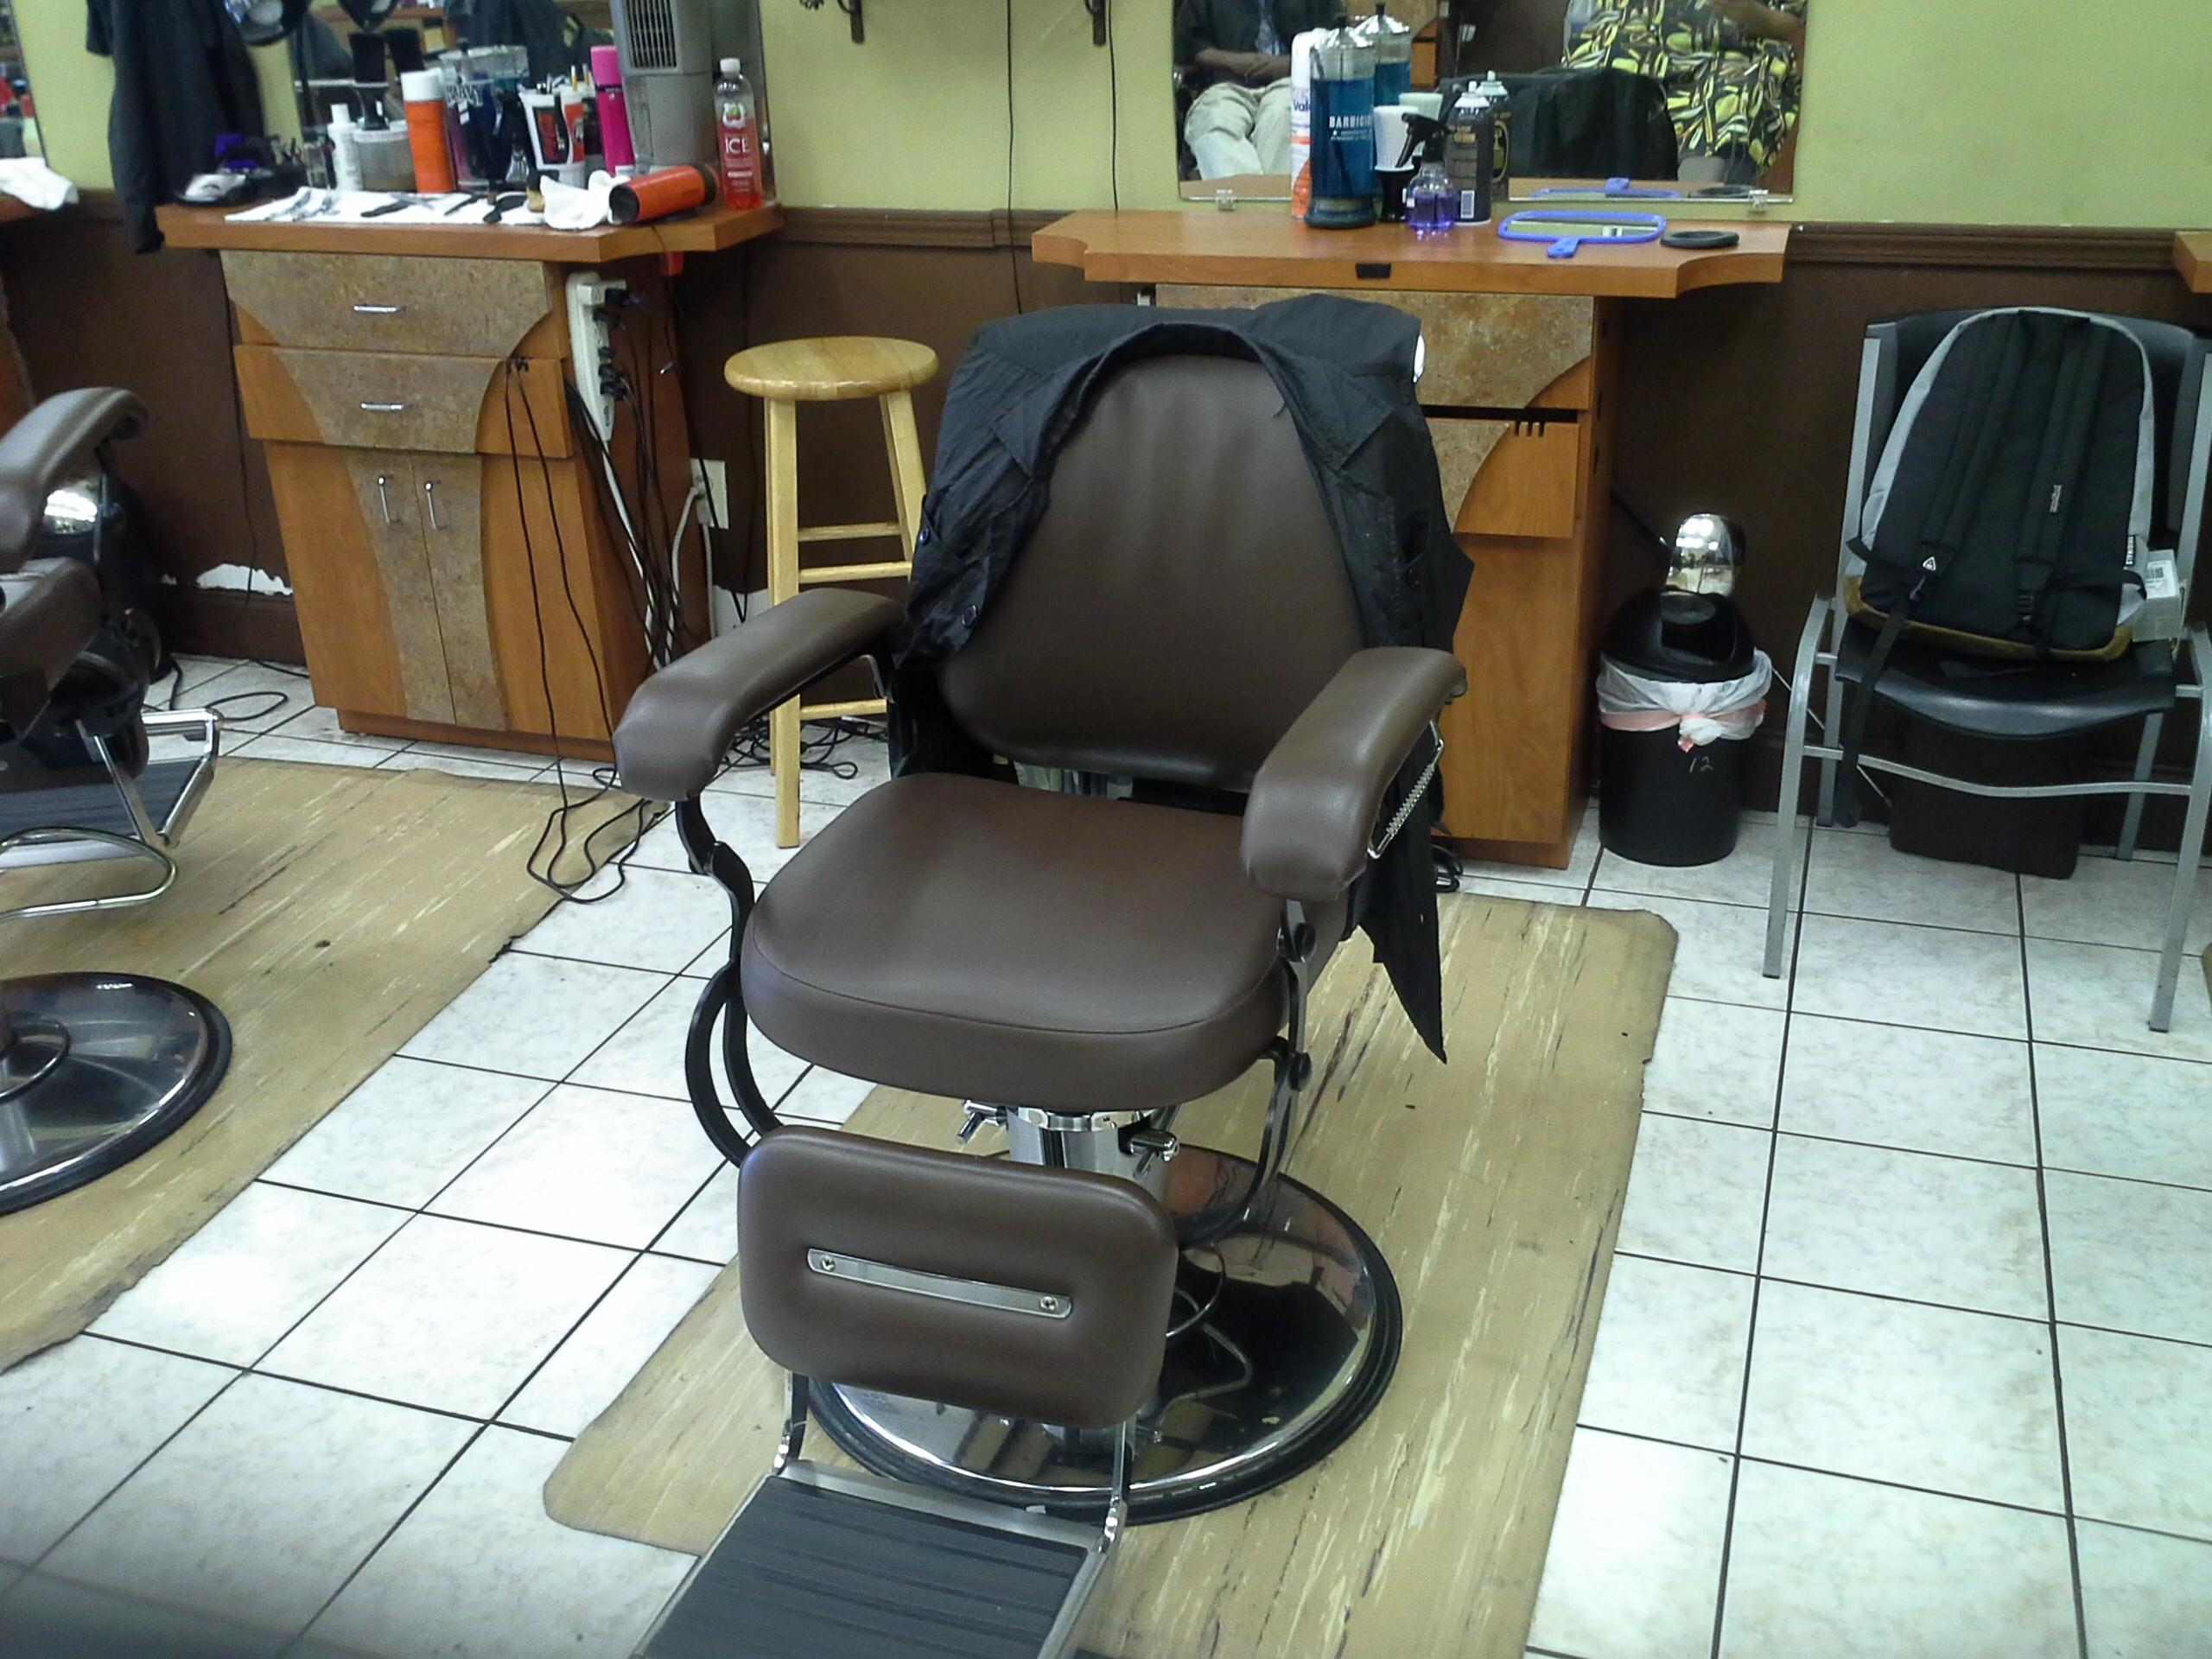 Future Cuts Barbershop